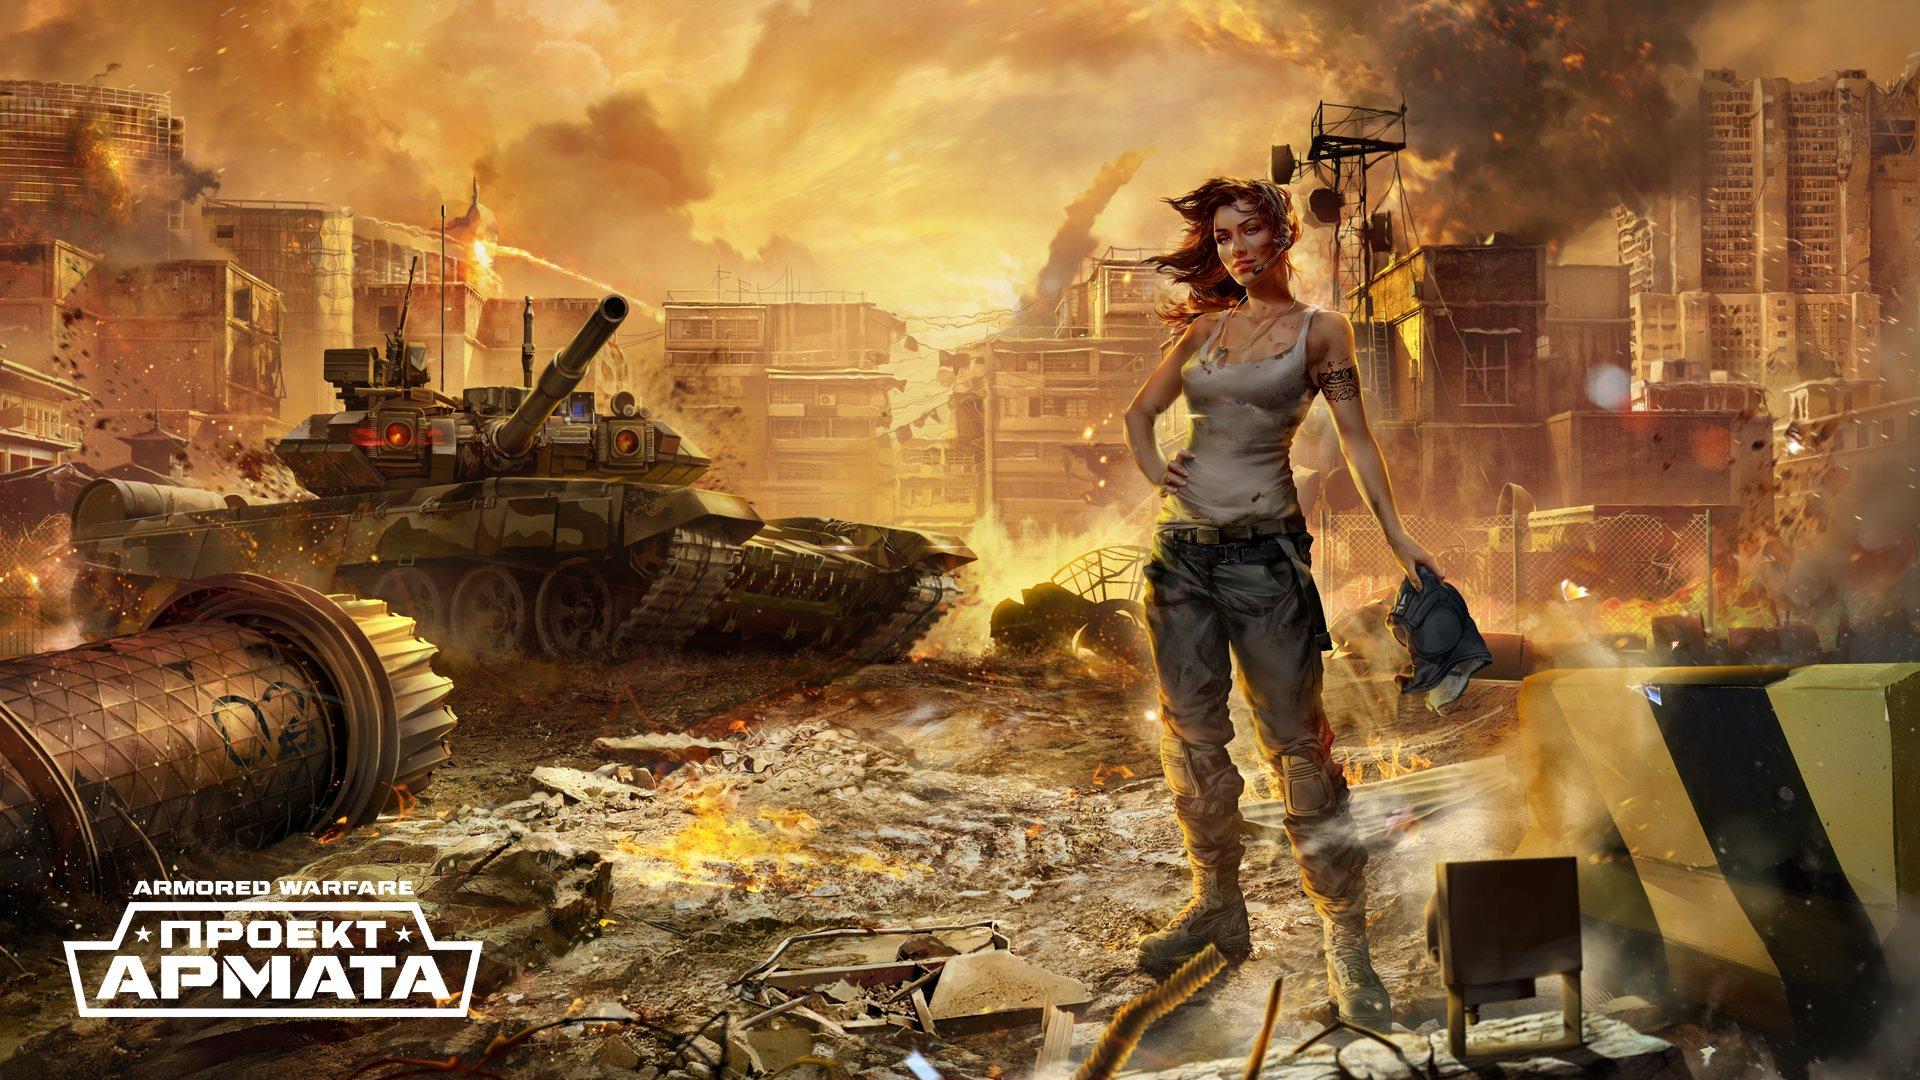 Кастинг ведущей новостей Armored Warfare: Проект Армата - Изображение 1